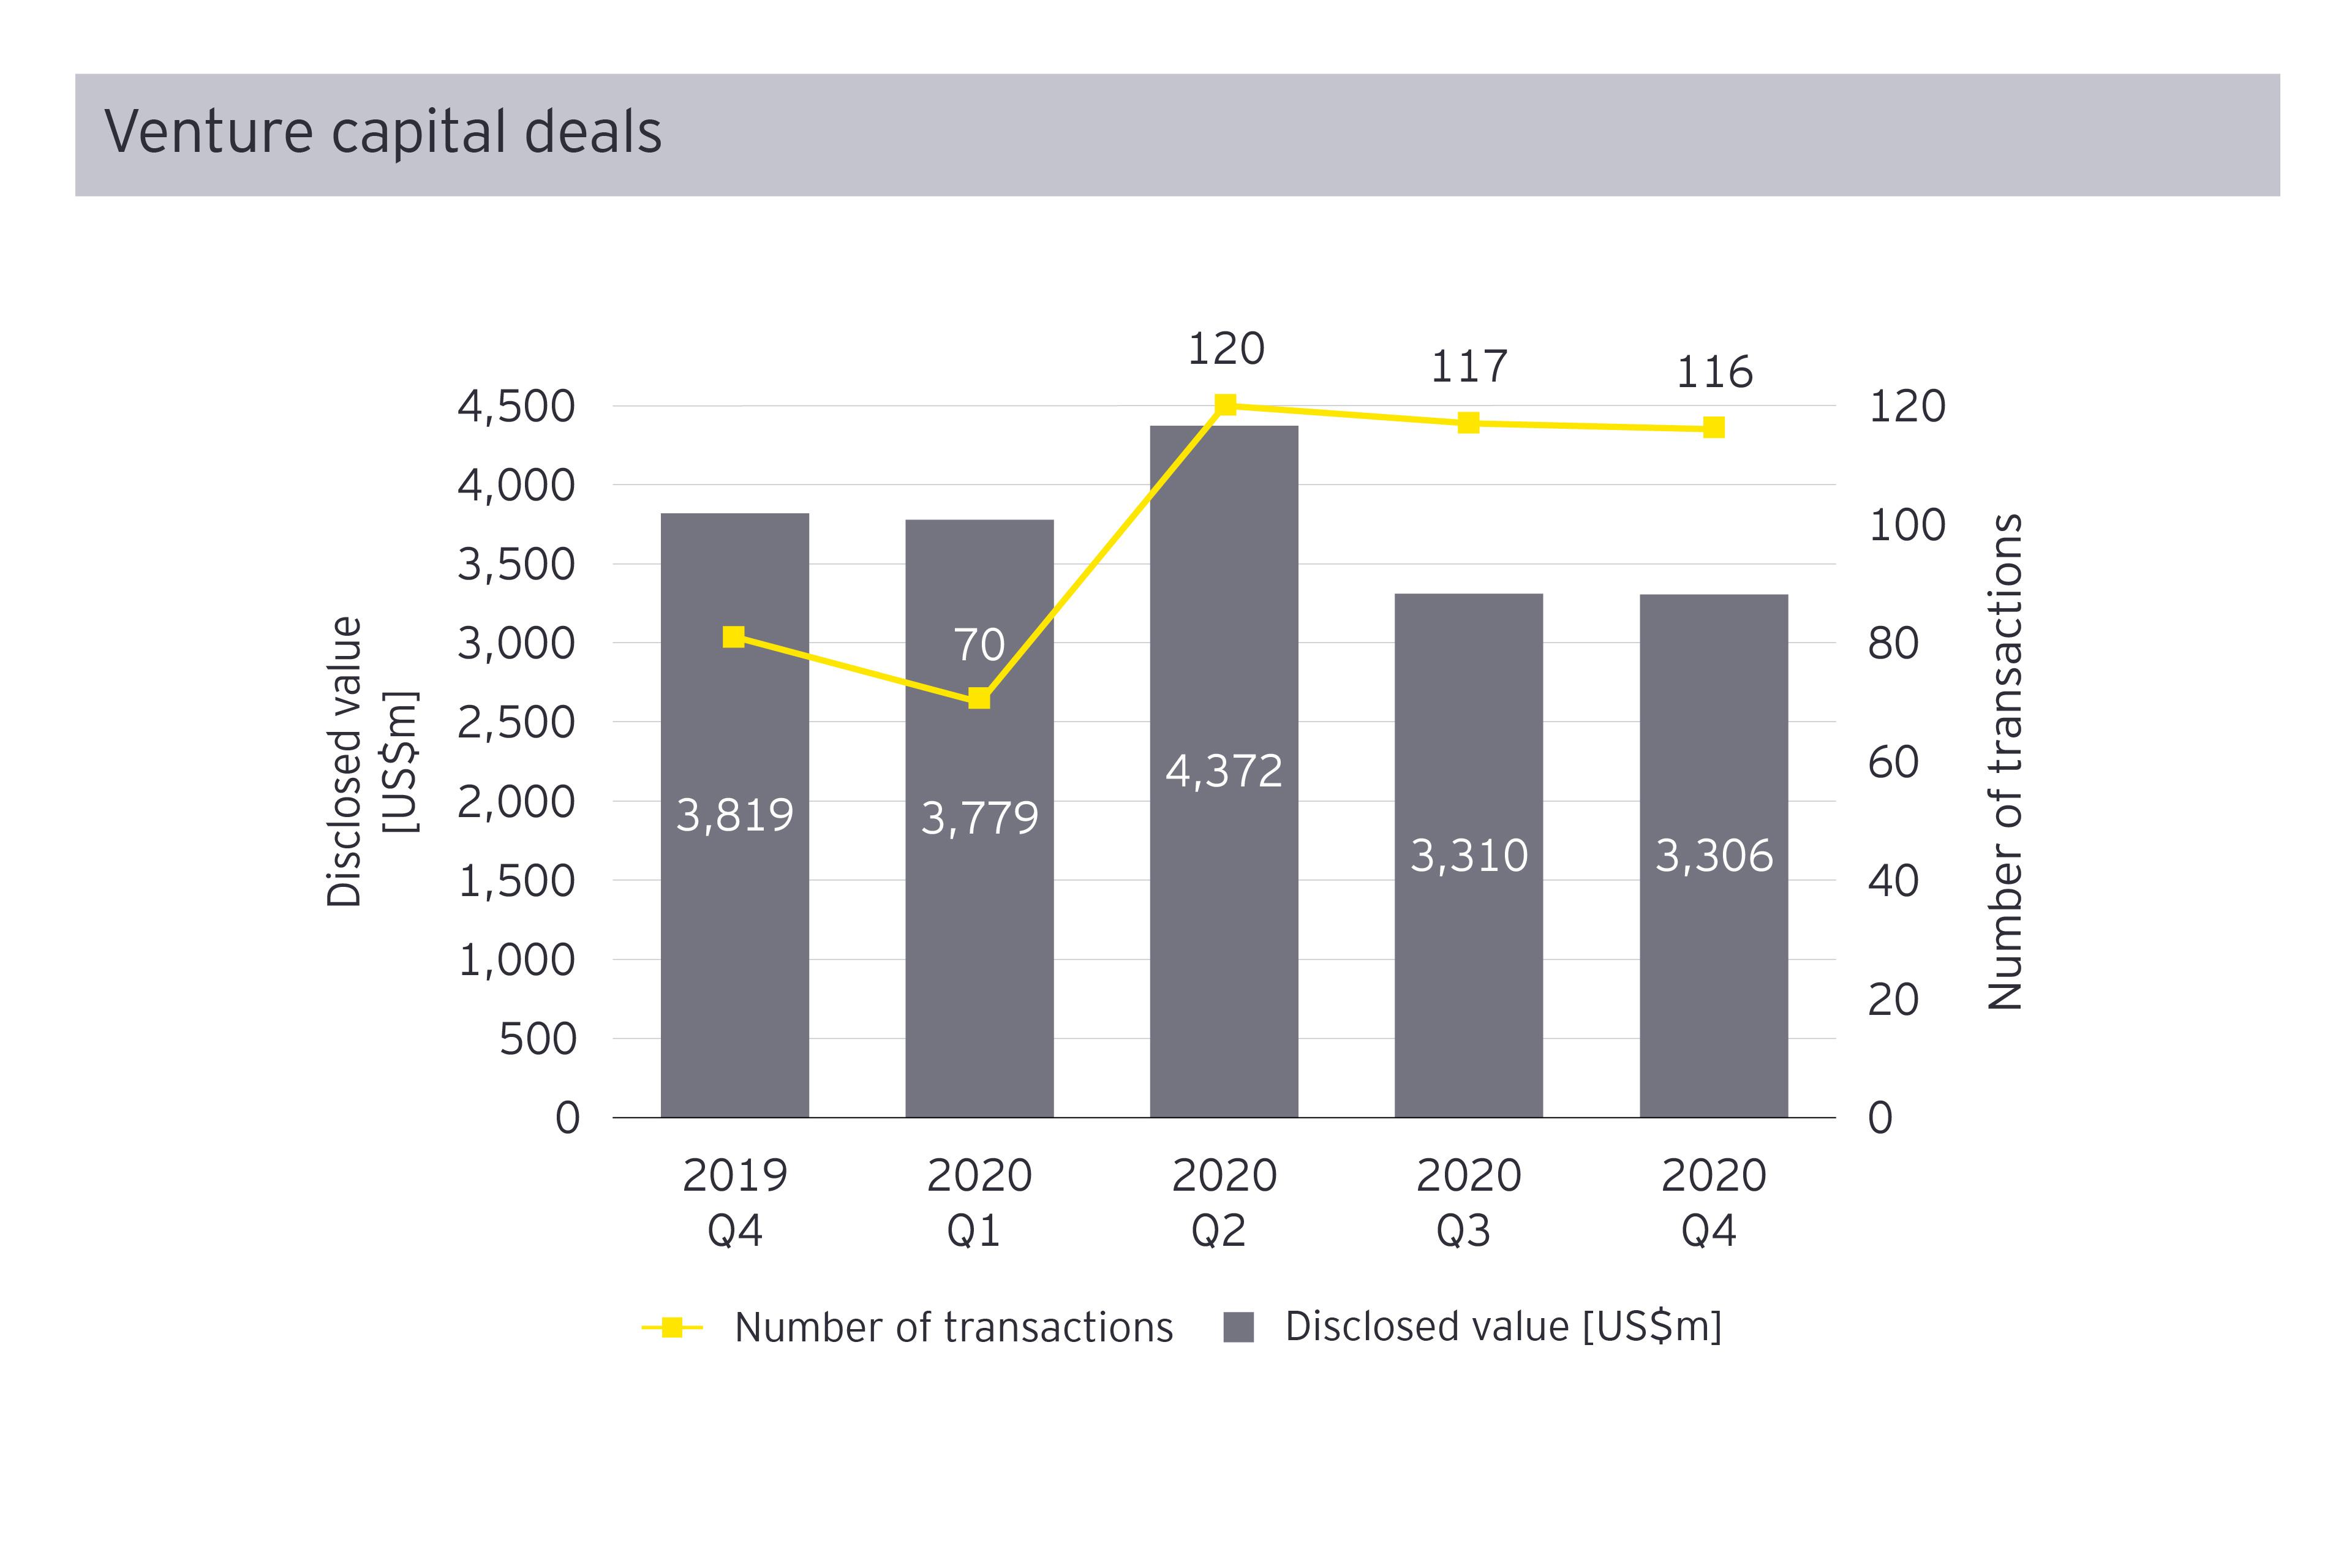 Venture capital deal Q4 2020